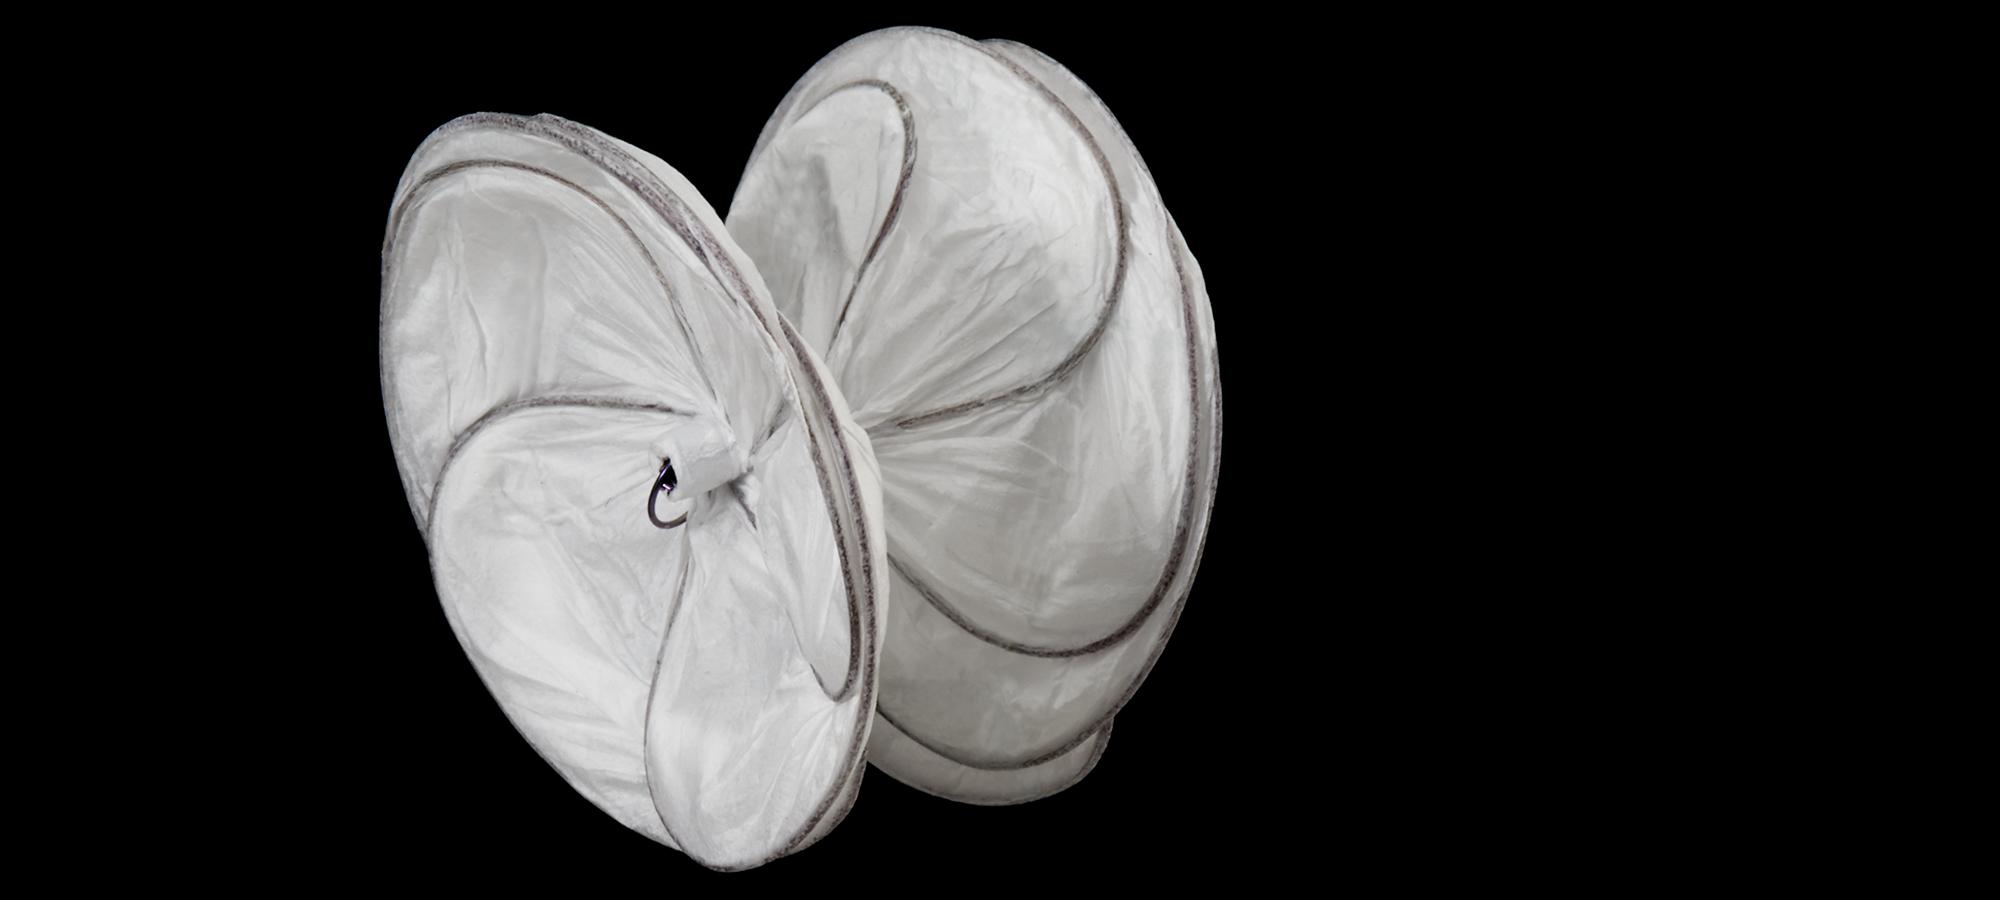 cardioform-lg.jpg